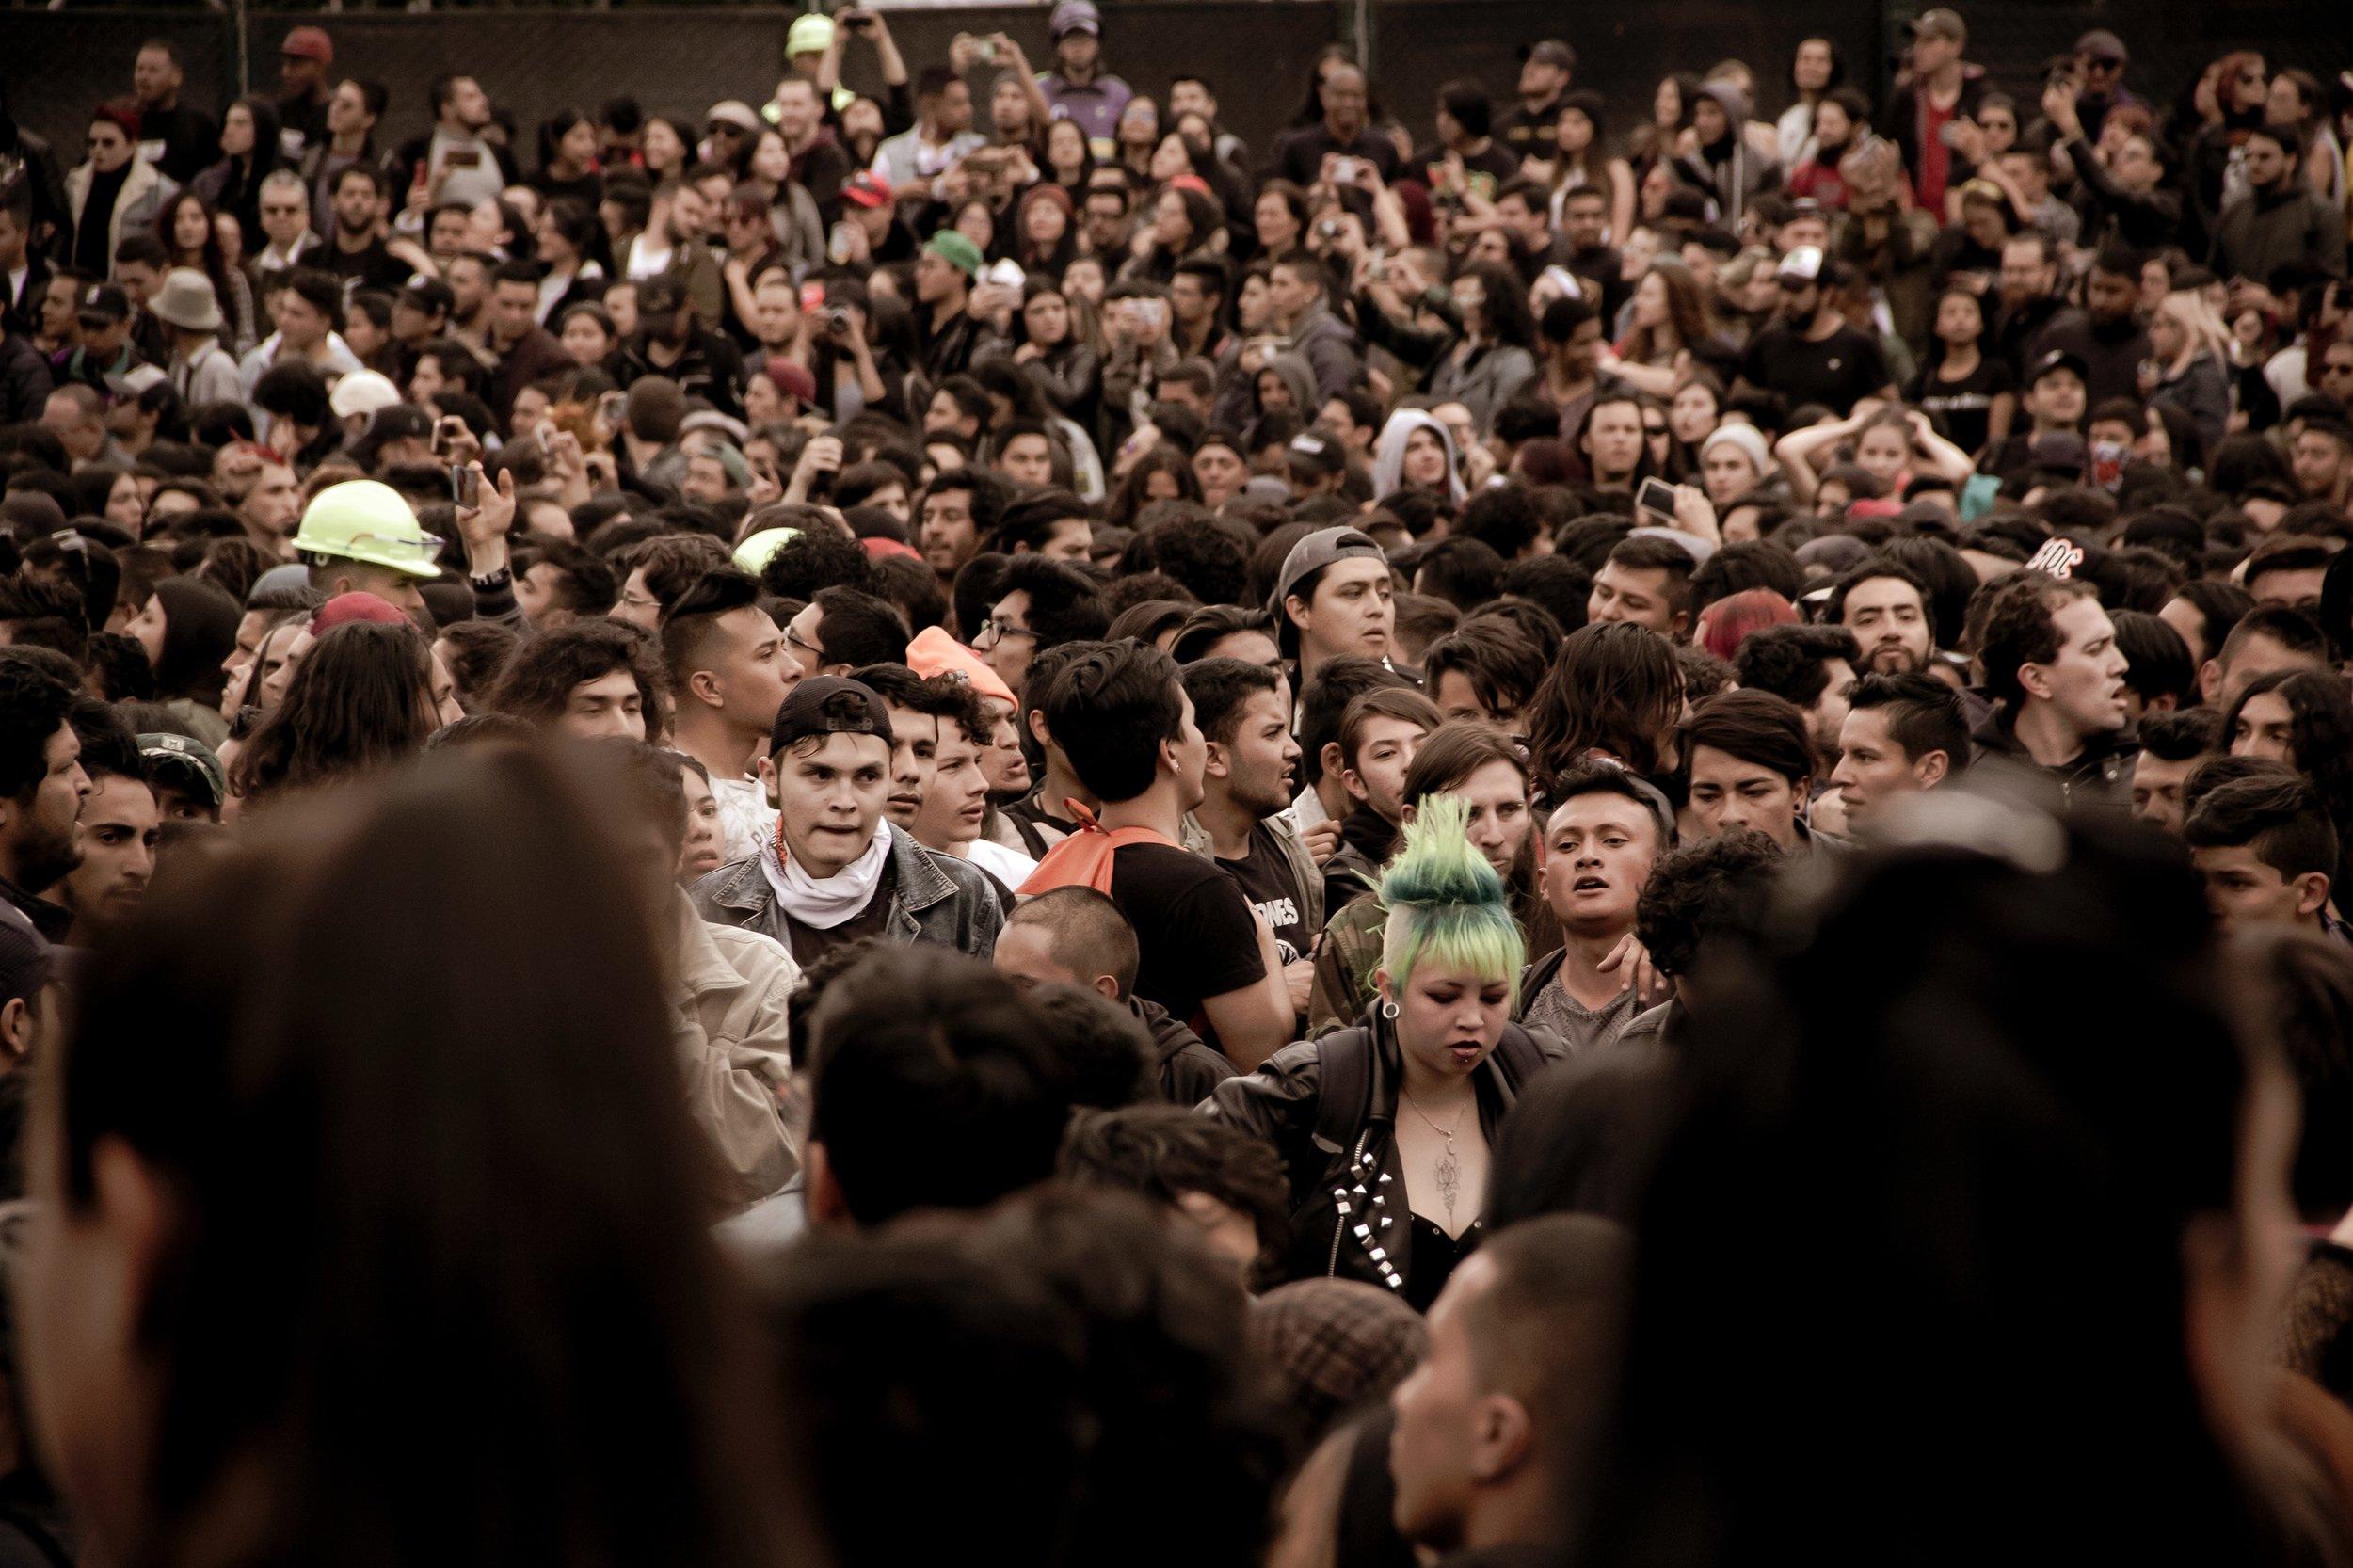 Photo by Andrés Gómez on Unsplash